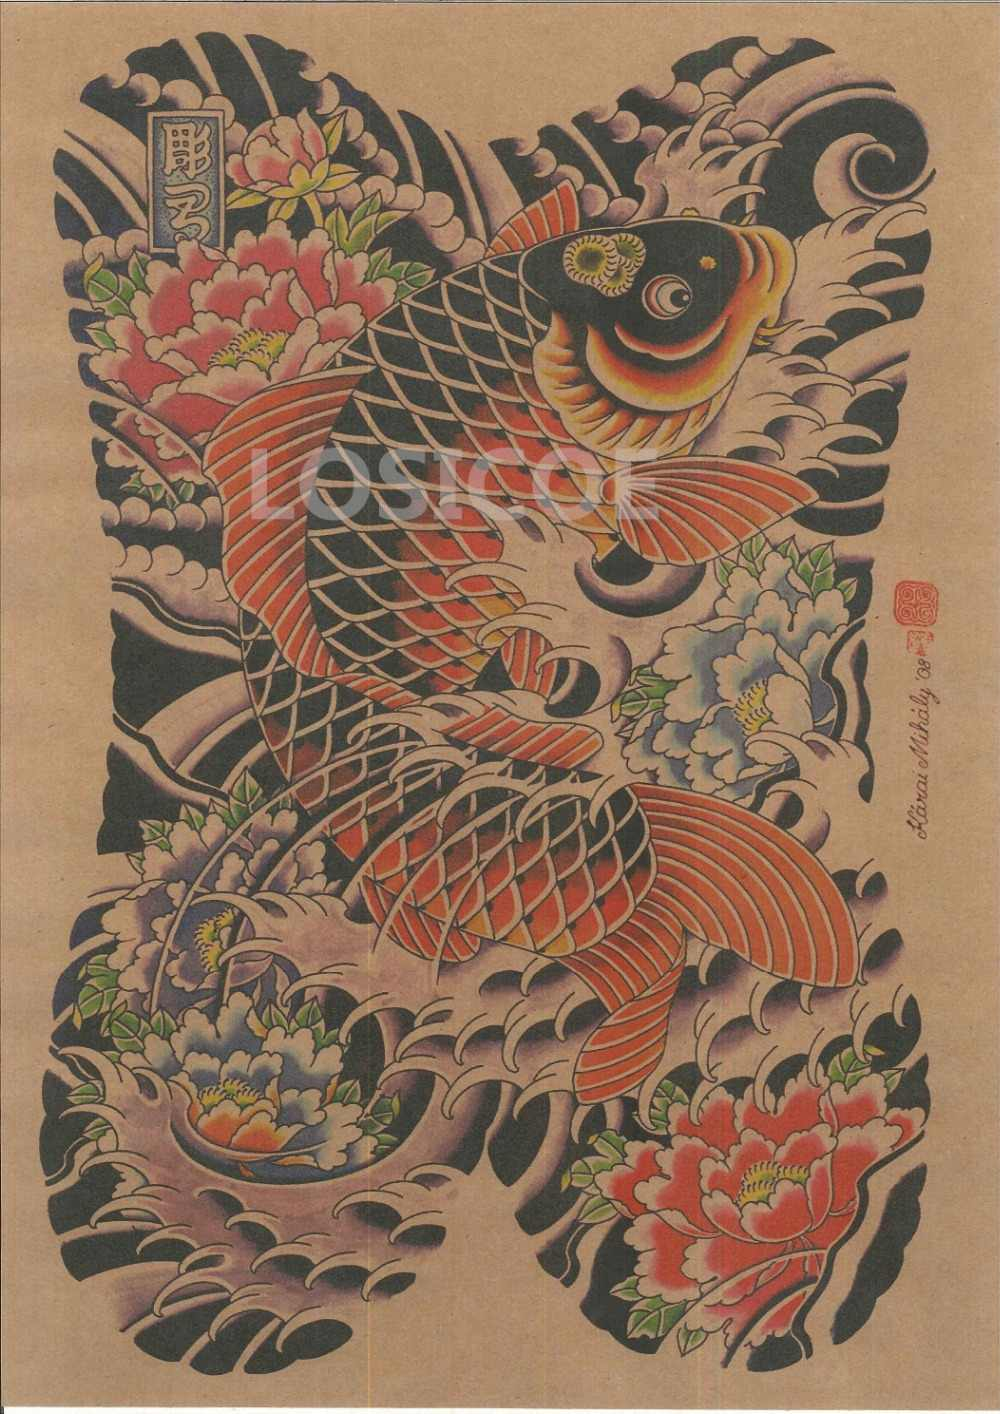 鯉日本浮世絵タトゥーヴィ歳 Shool ポスタークラフト紙絵の壁のステッカーアンティークコレクション家の装飾 30x42 センチメートル